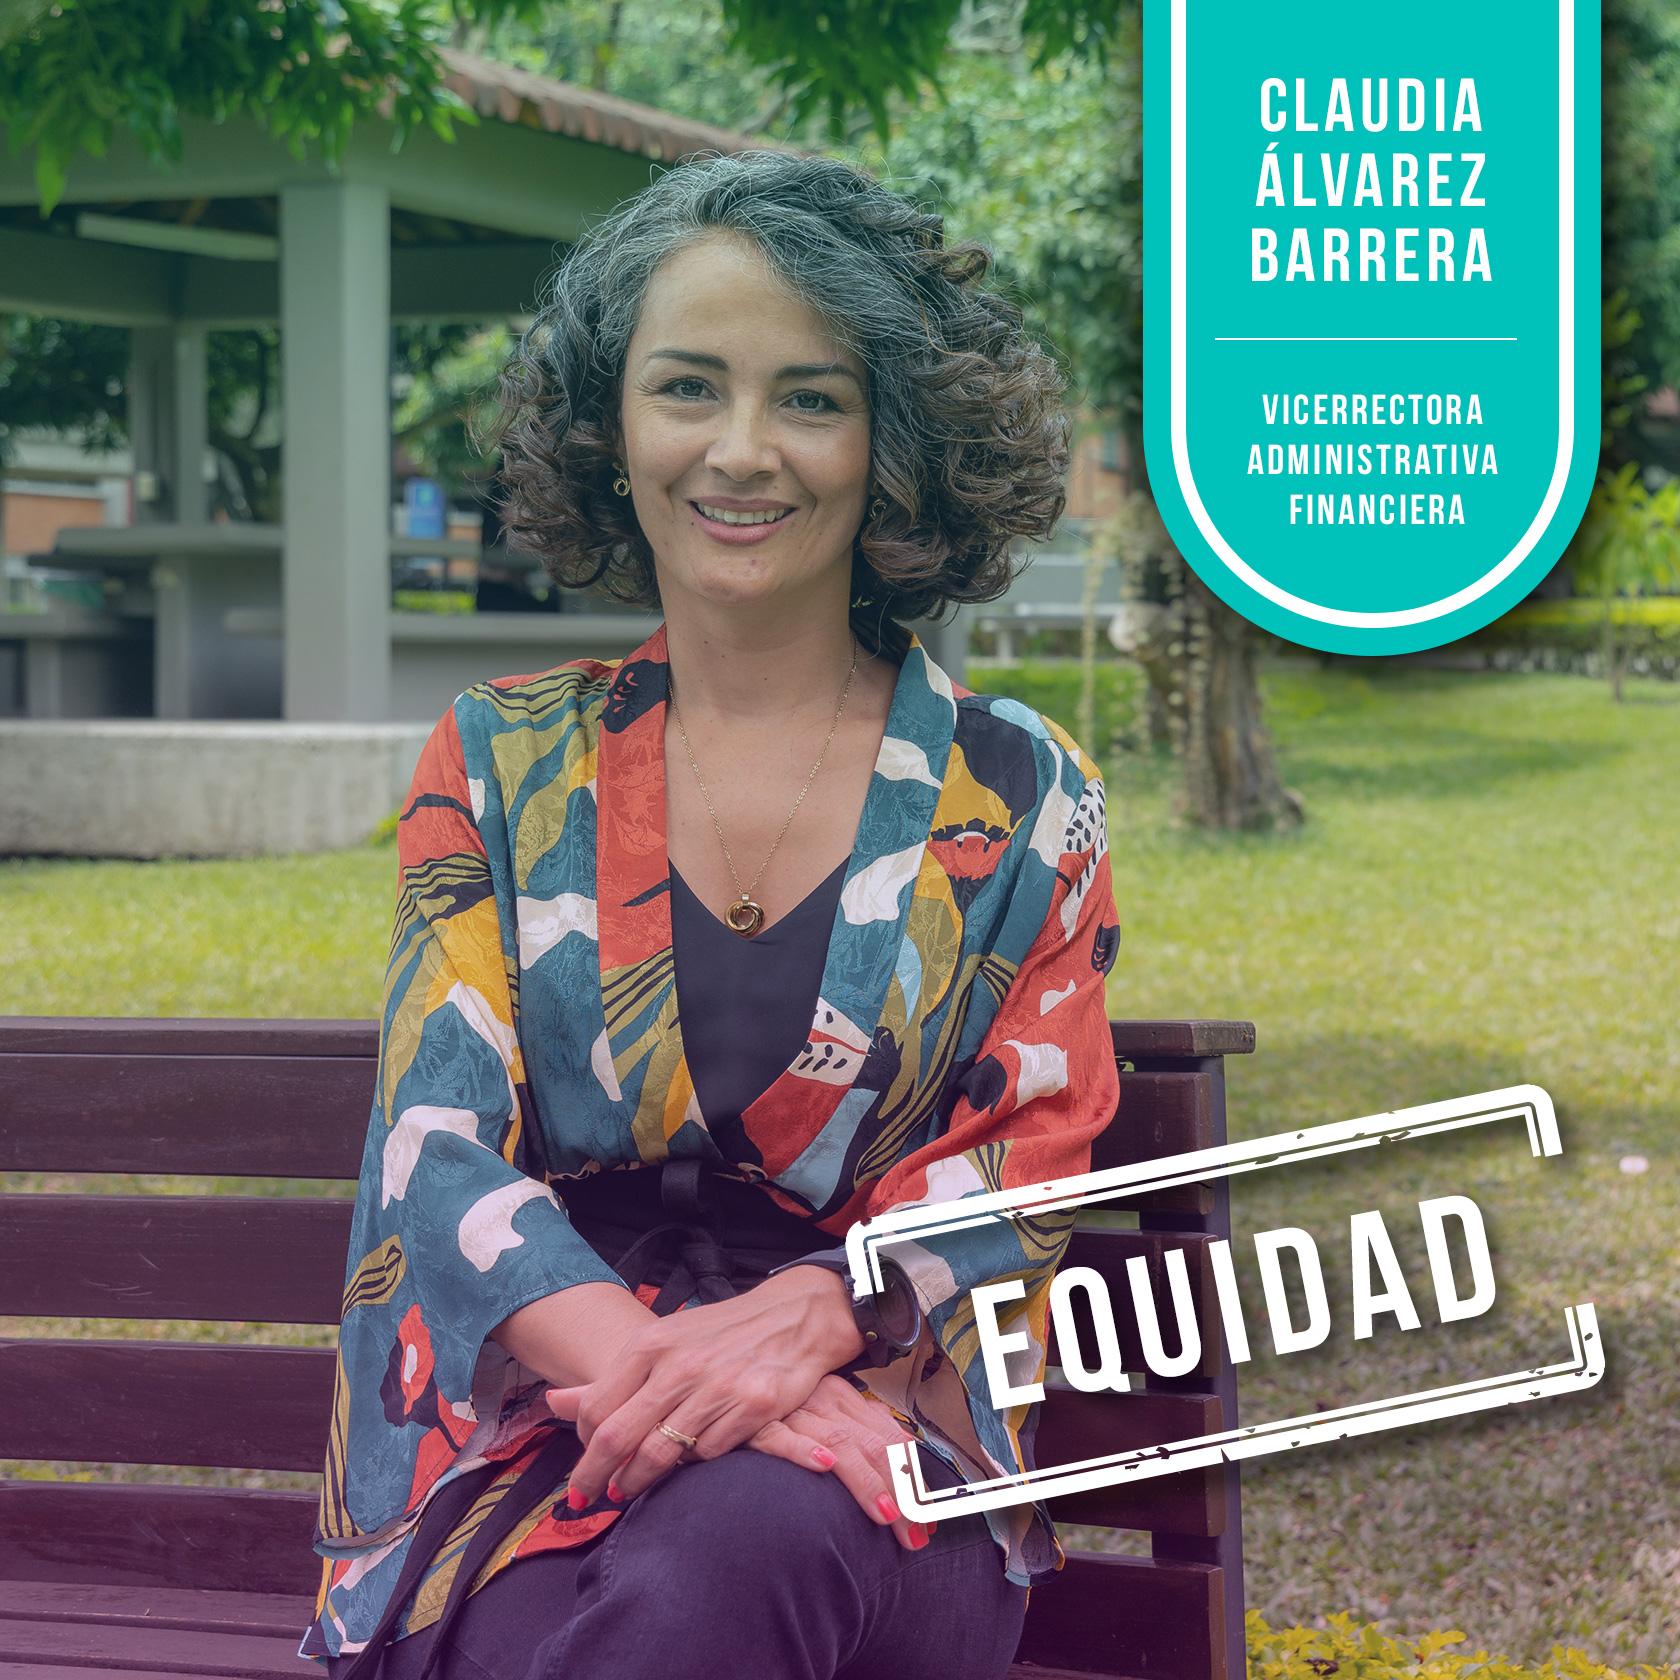 01-Claudia-Alvarez